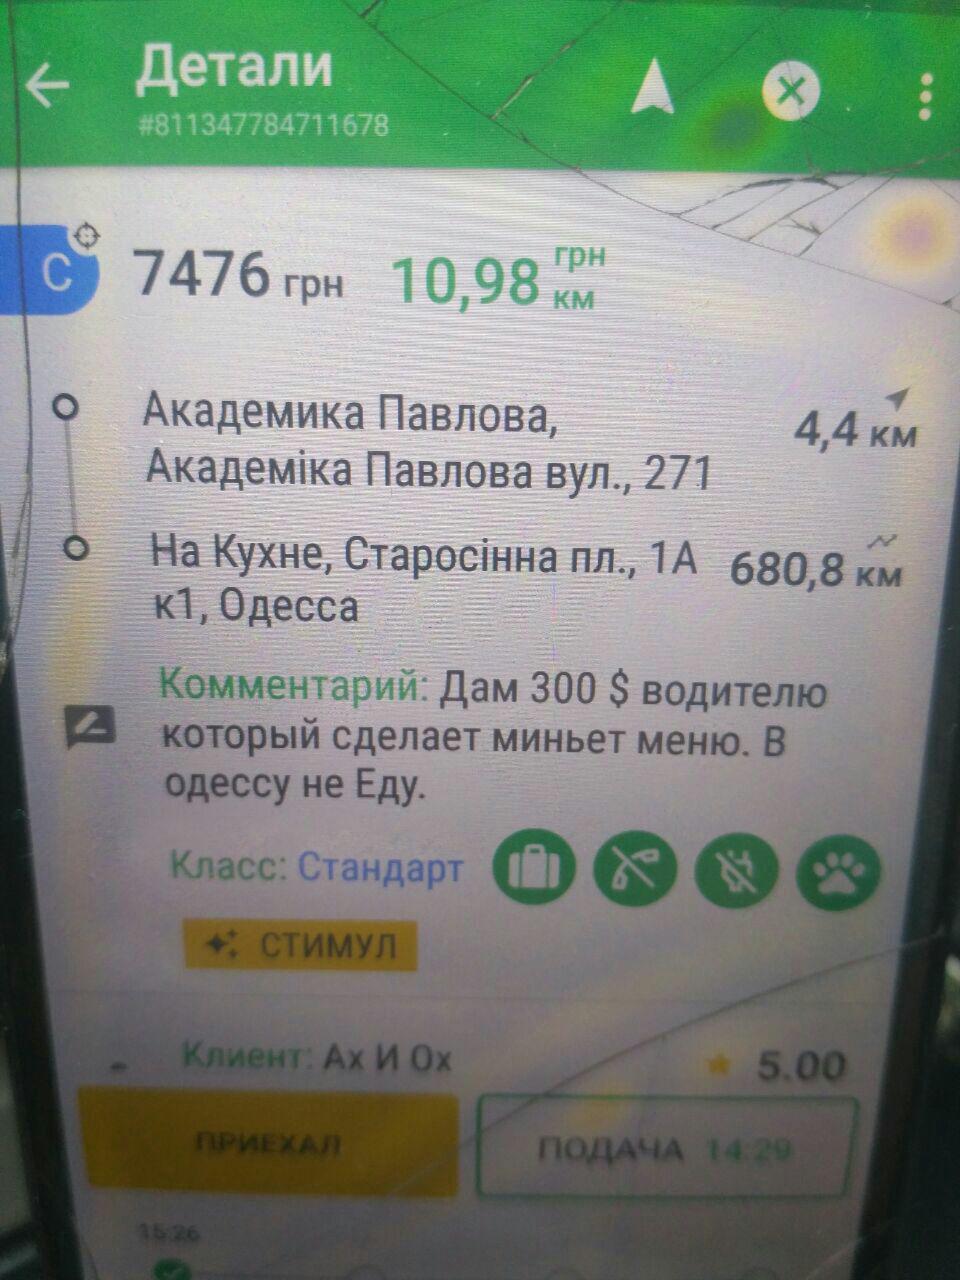 Непристойное предложение в харьковском такси